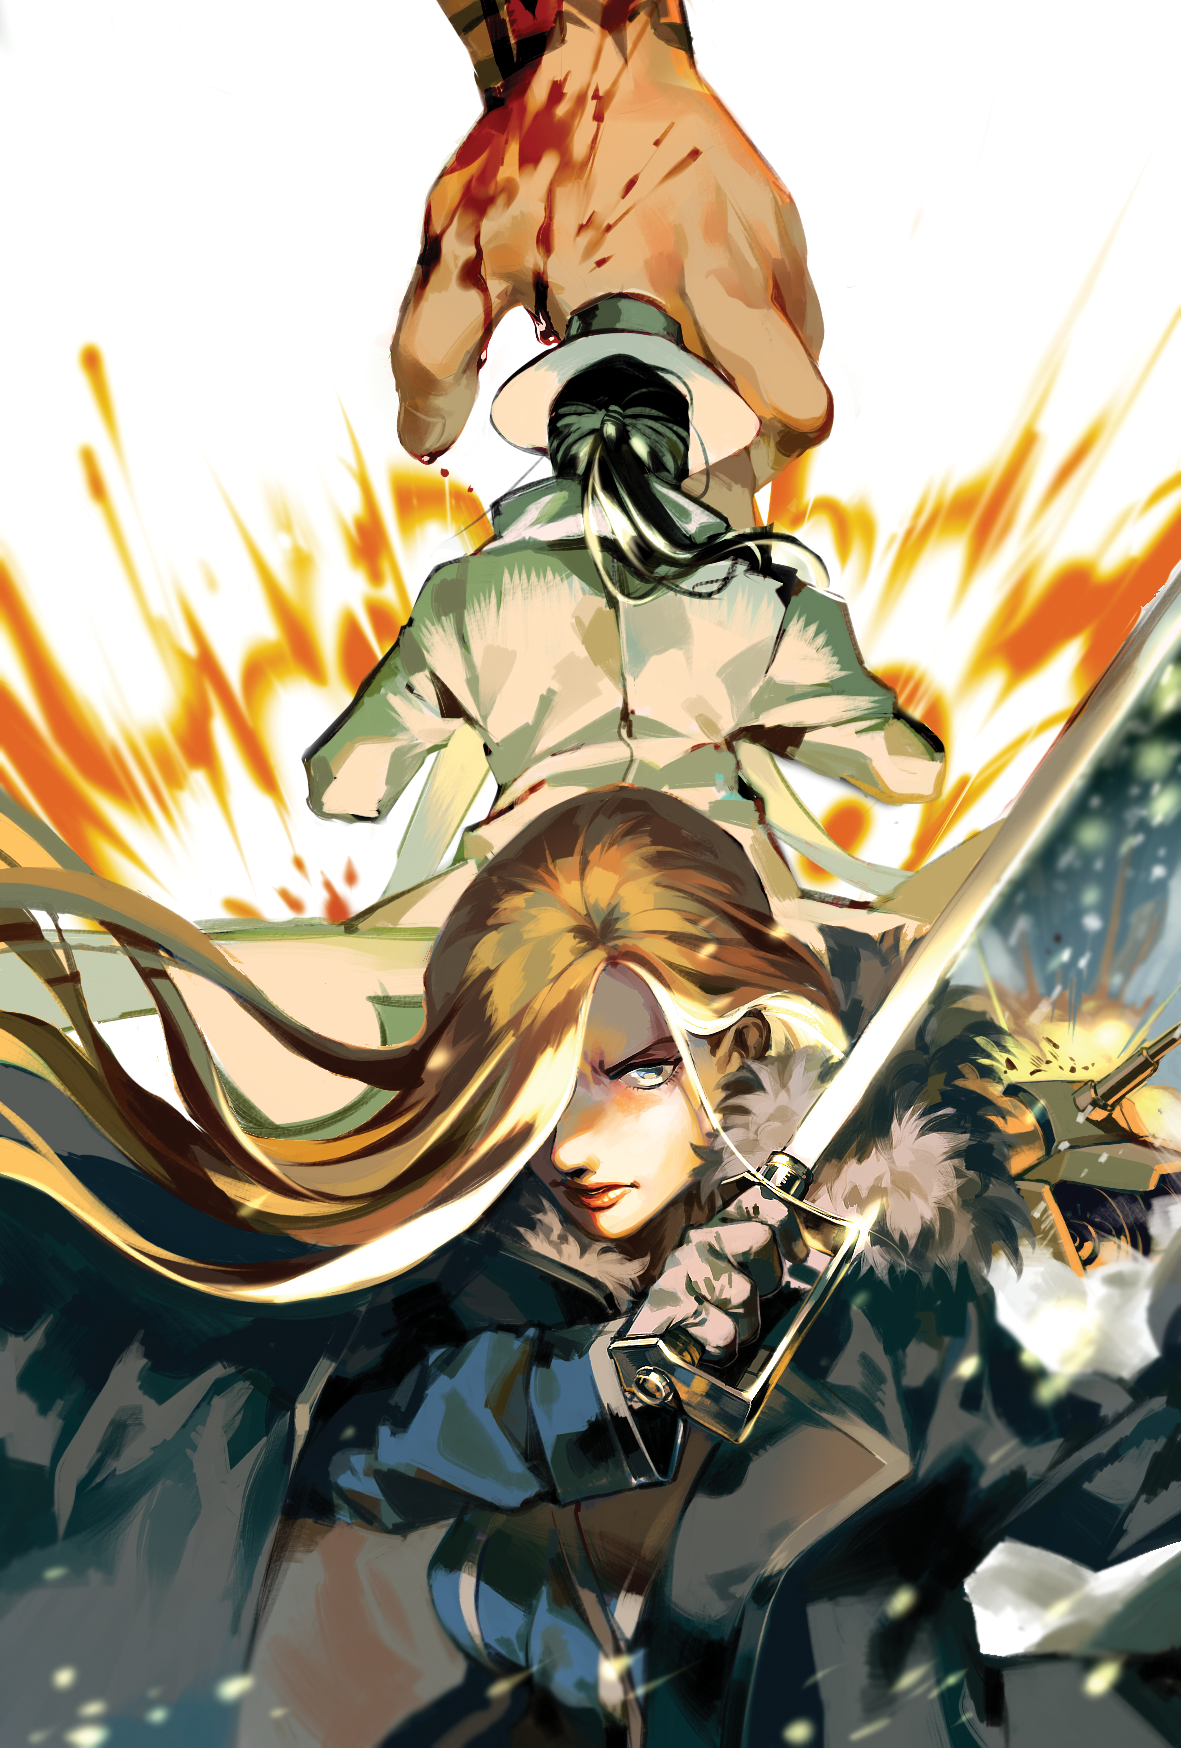 Fullmetal Alchemist, Kimblee, Major-General Armstrong   Fullmetal alchemist, Alchemist ...